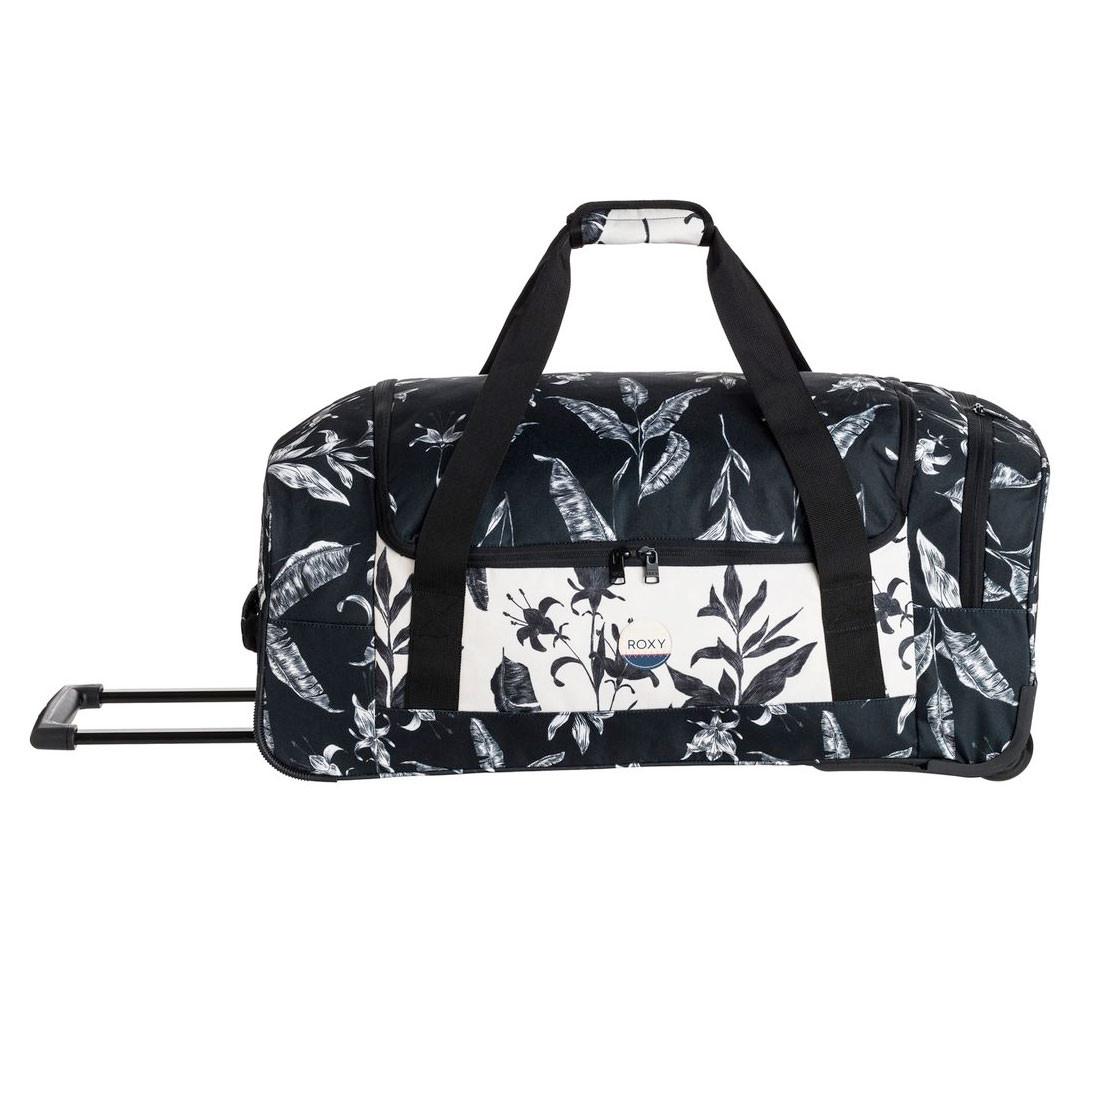 Cestovní taška Roxy Distance Accross anthracite love letter